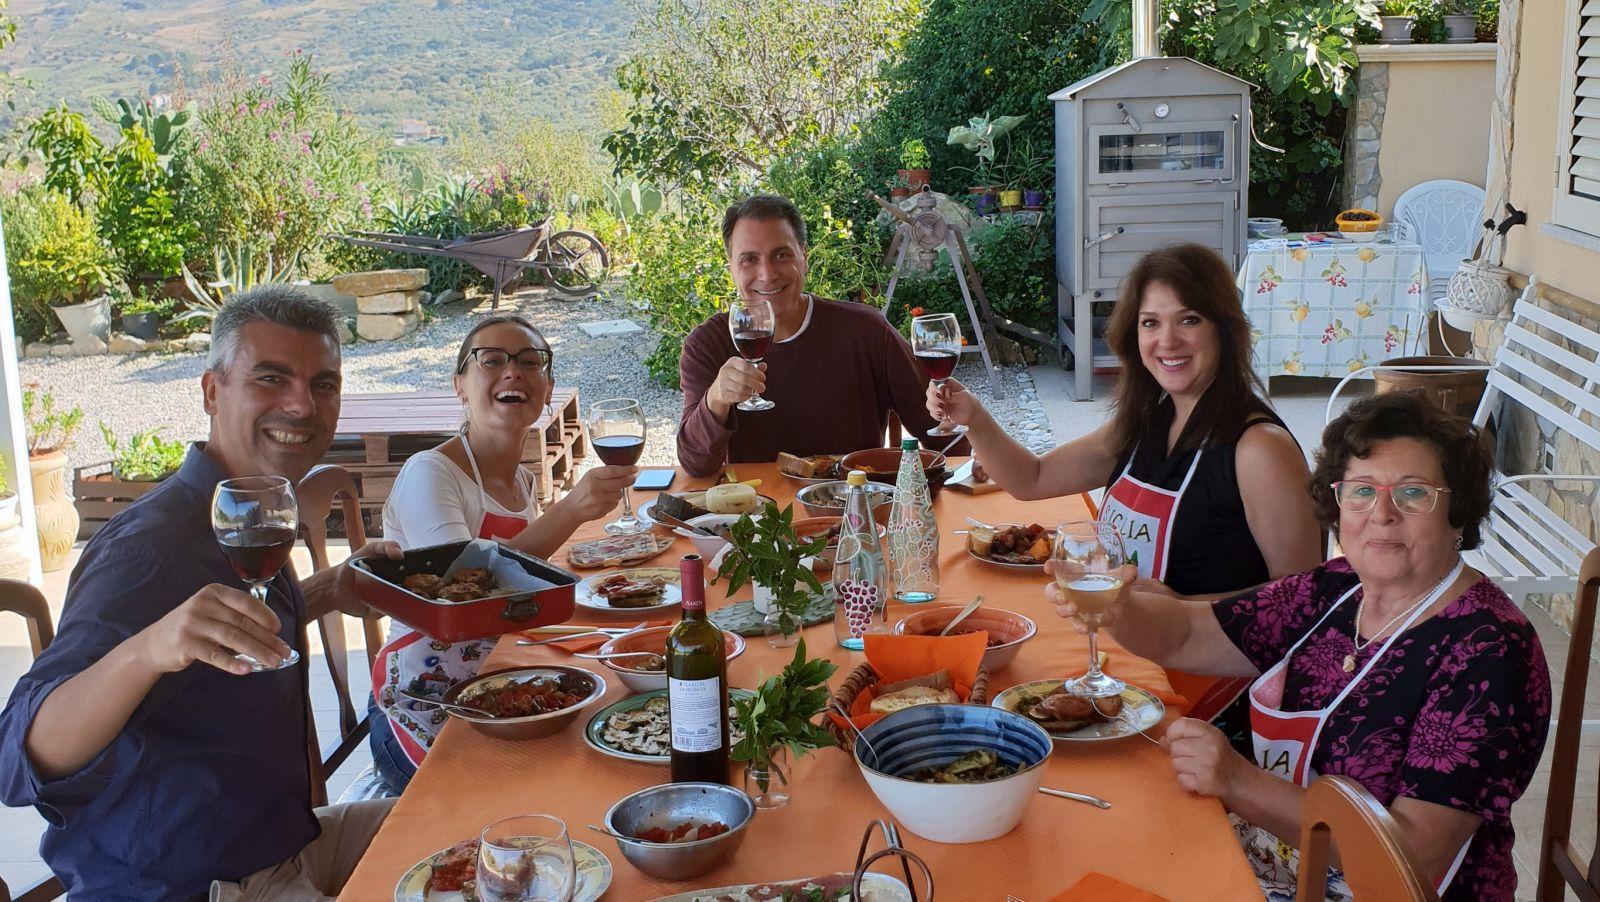 Trip to Sicily- Sicily tour company